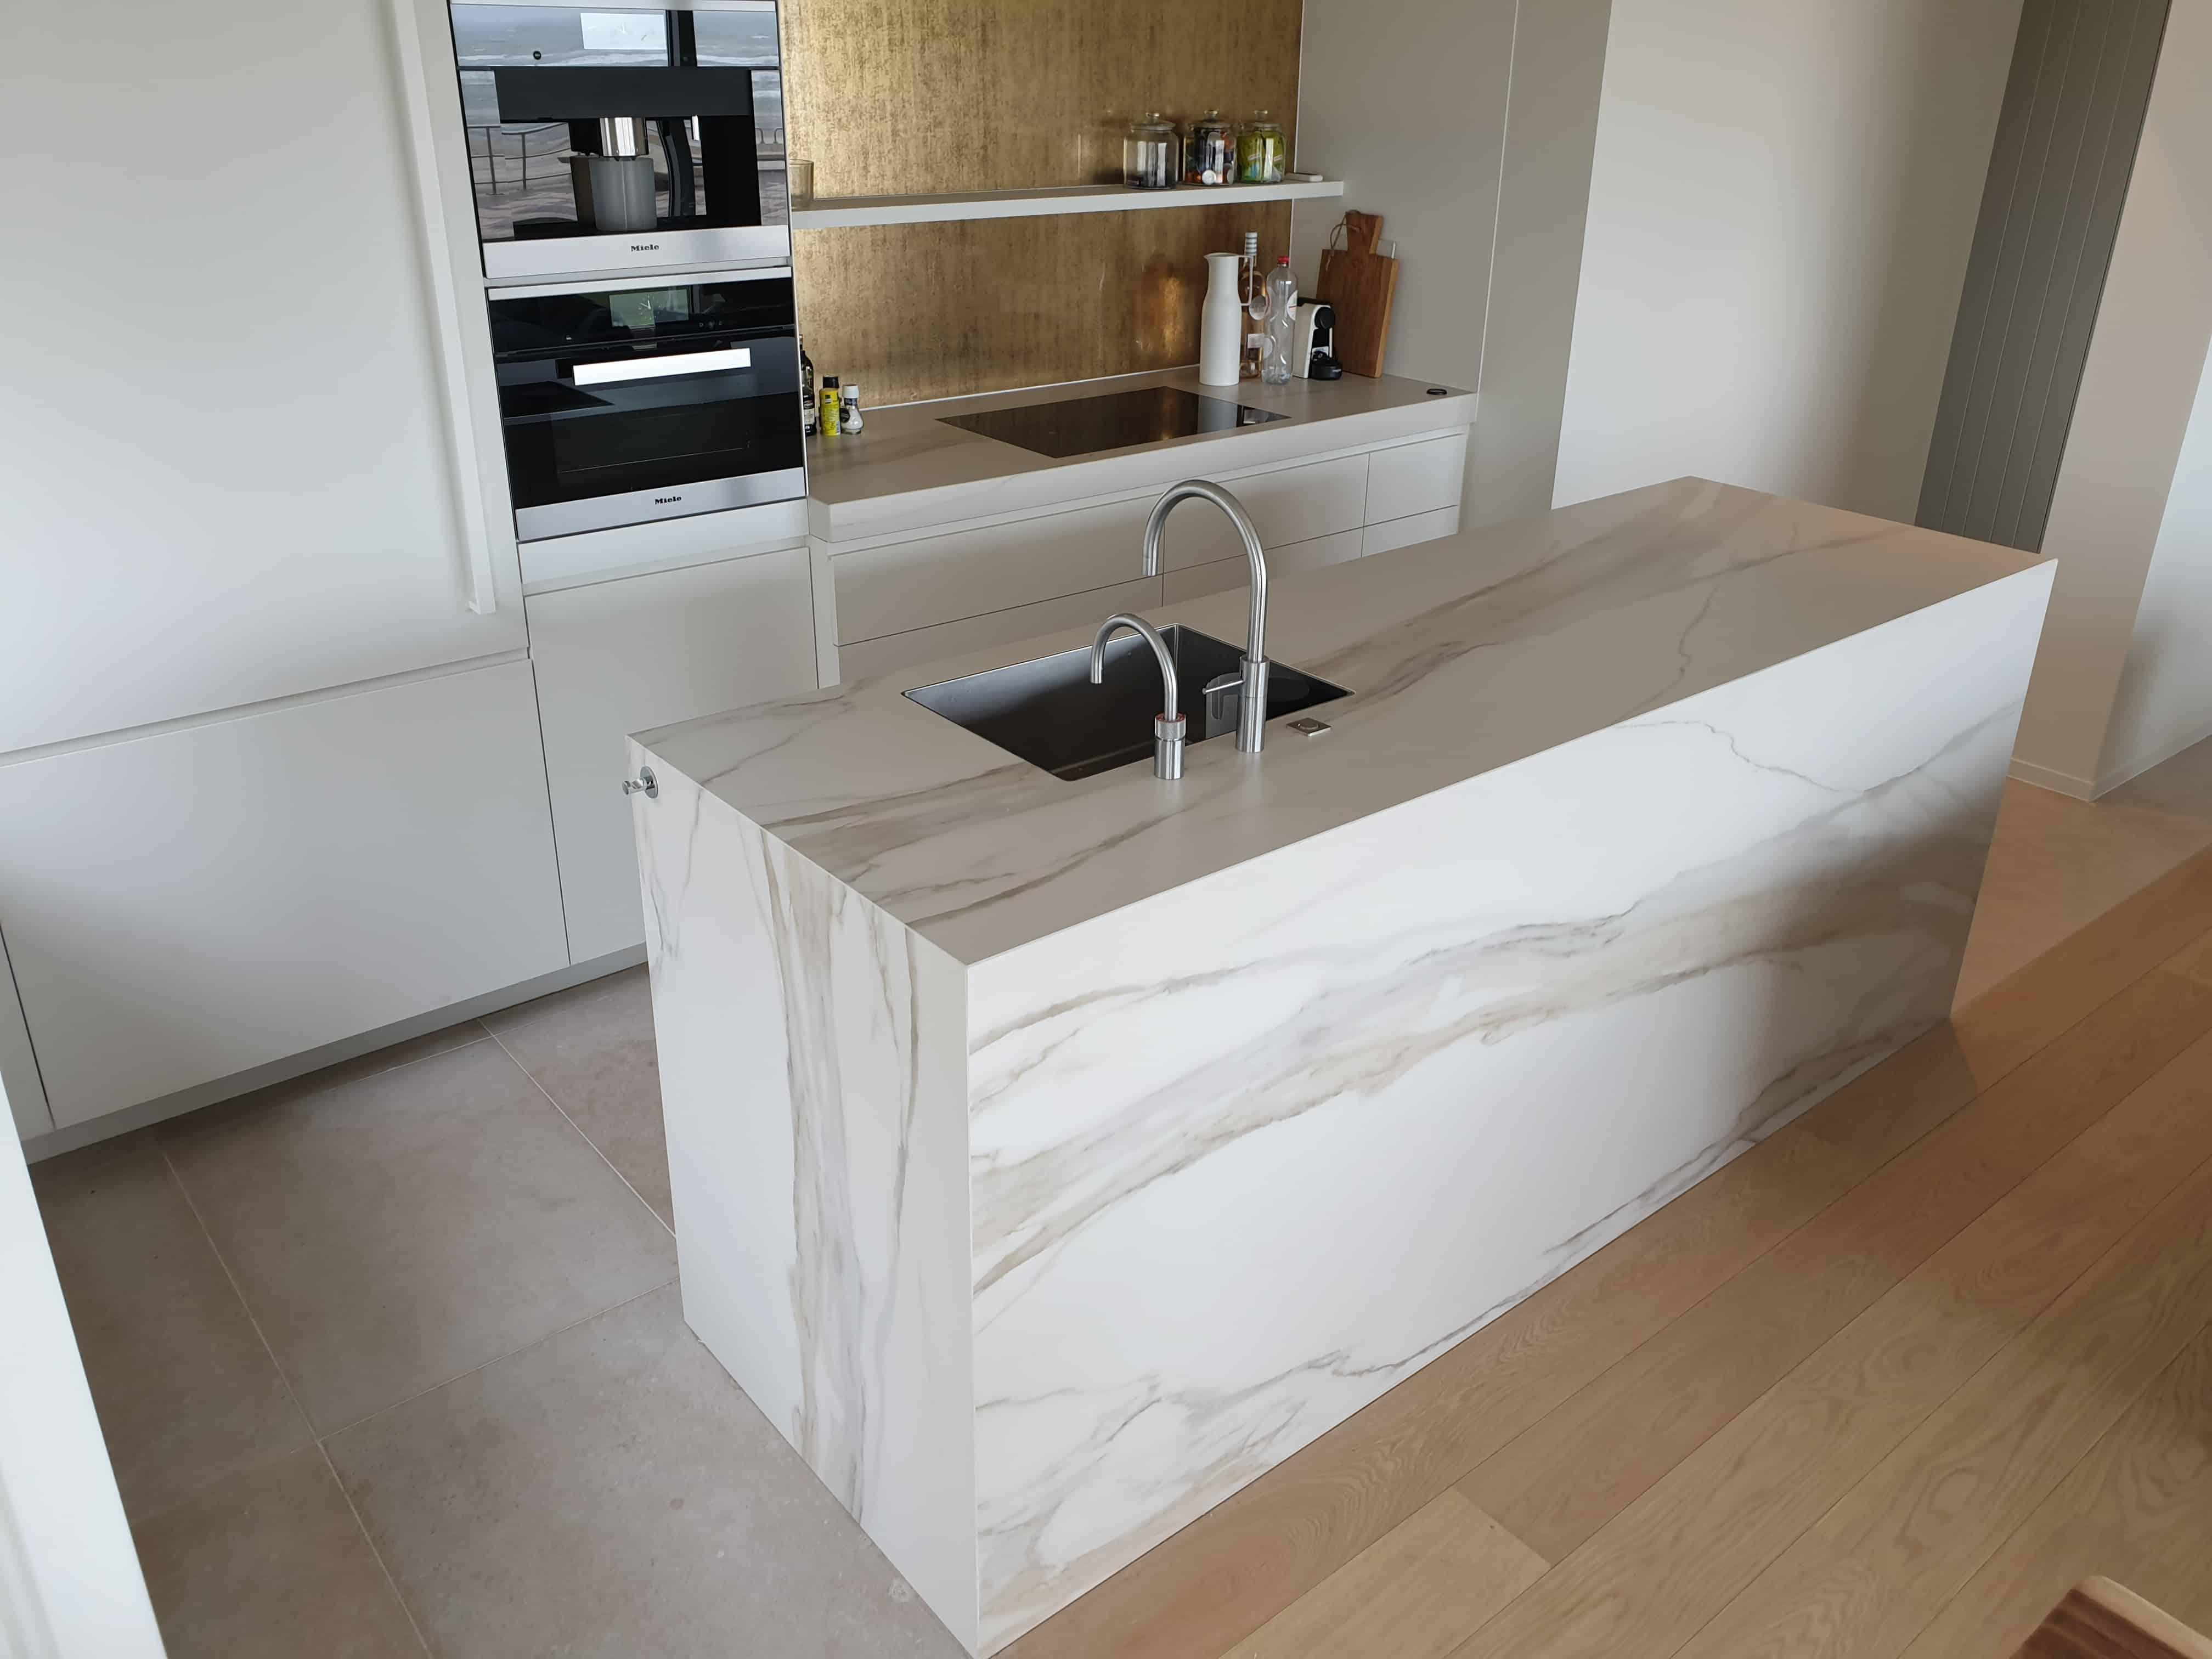 Marmer XXL tegels in keuken Oostende